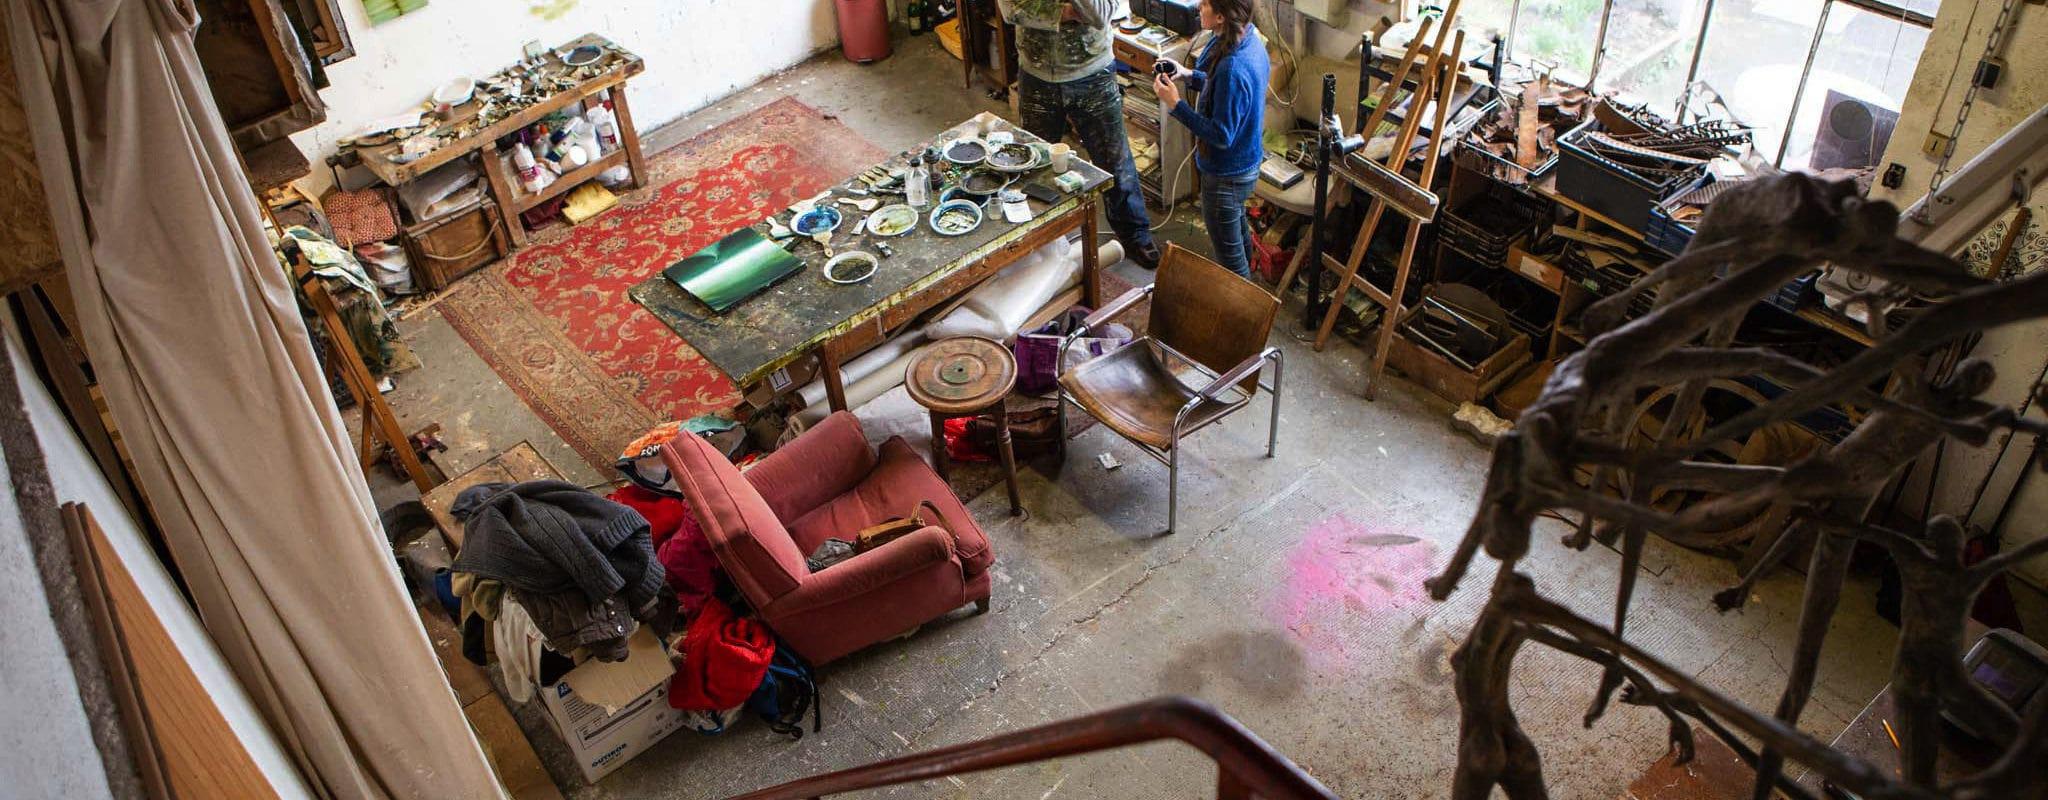 Les Ateliers Ouverts ferment la porte aux artistes de Zone d'Art, ils reviennent par la fenêtre